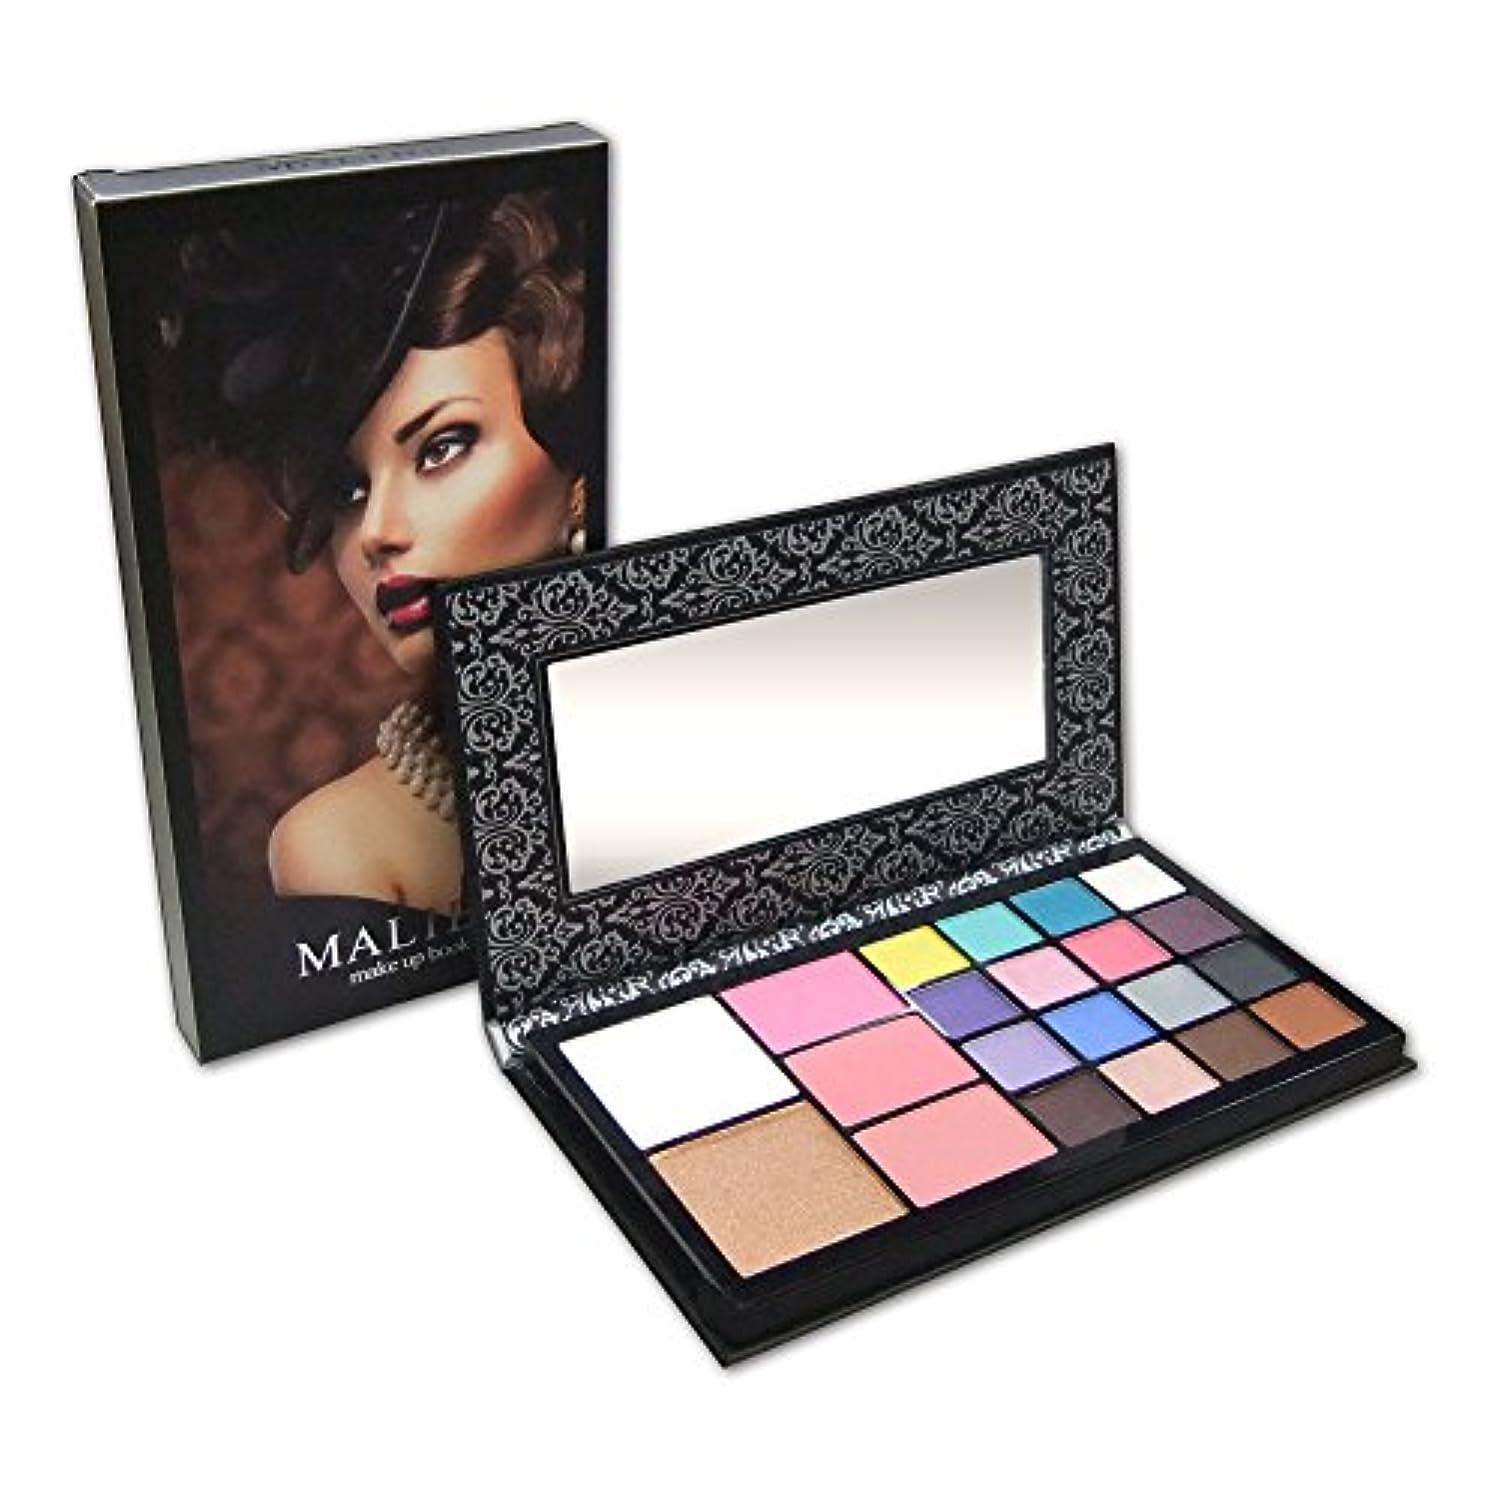 マティスクスクスオーストラリア人MALIBU メイクアップブック 02 (178g)